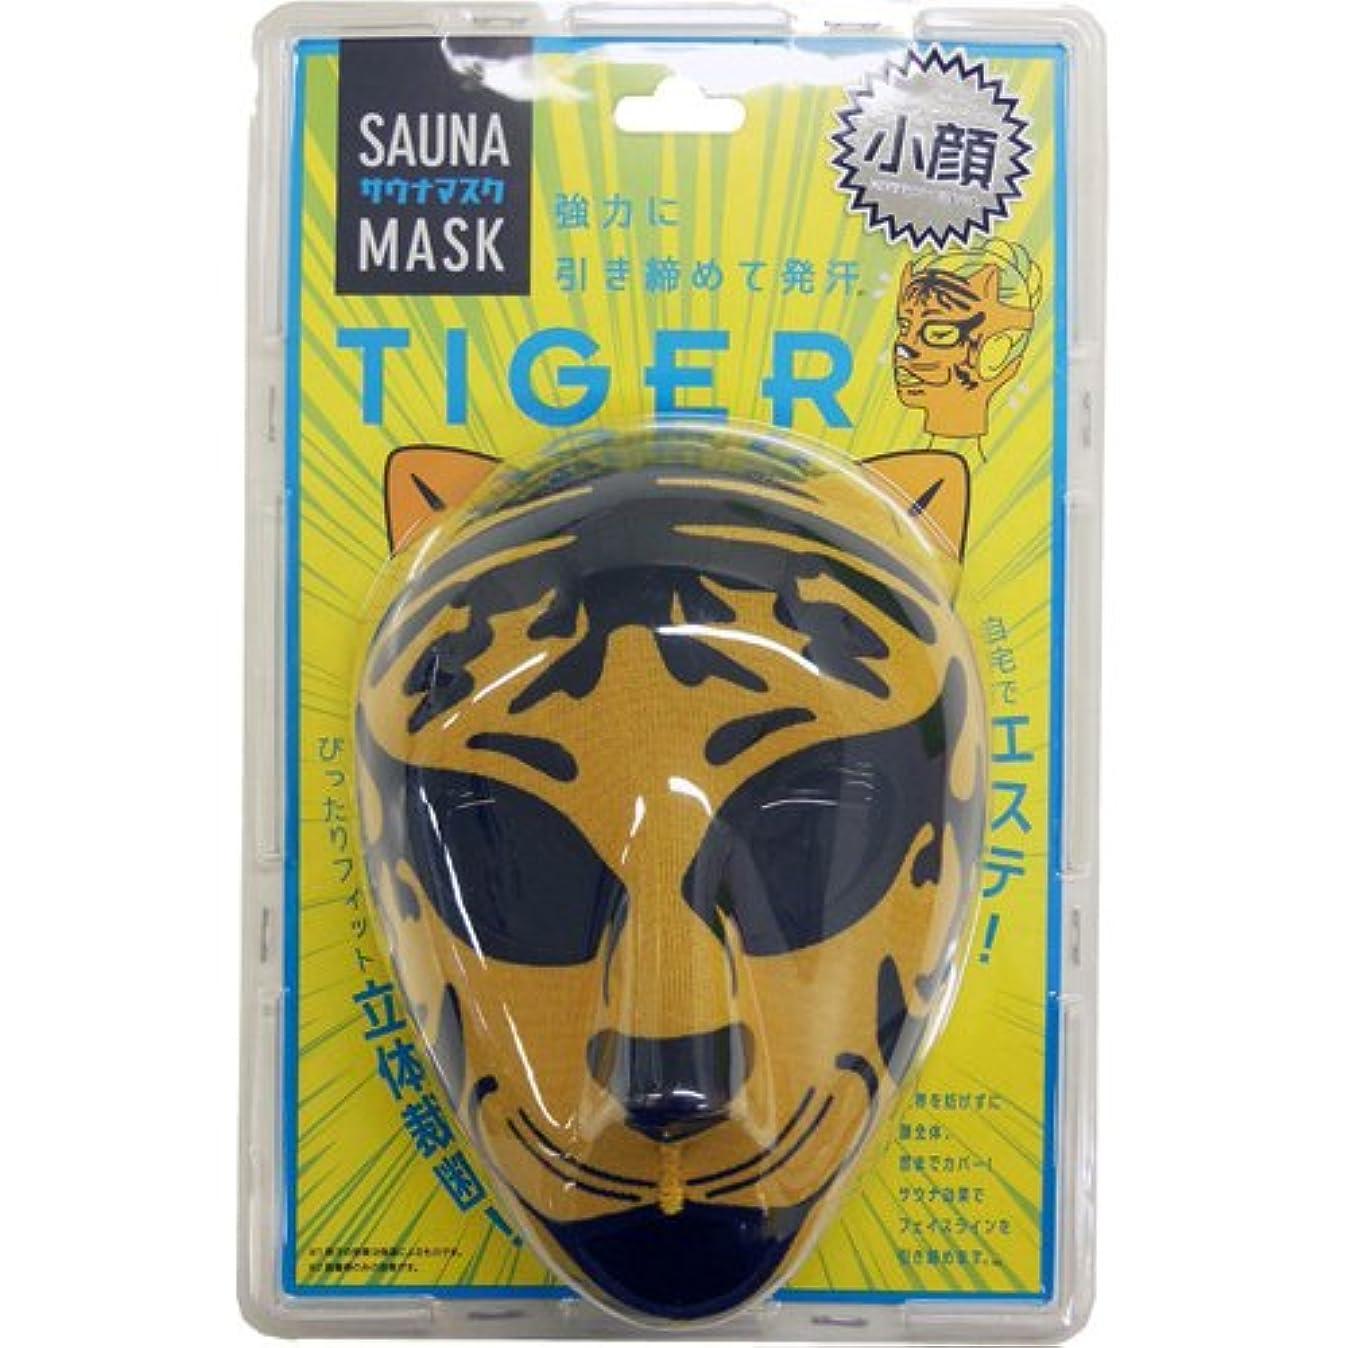 喉頭行商人子猫コジット サウナマスク TIGER (1個)